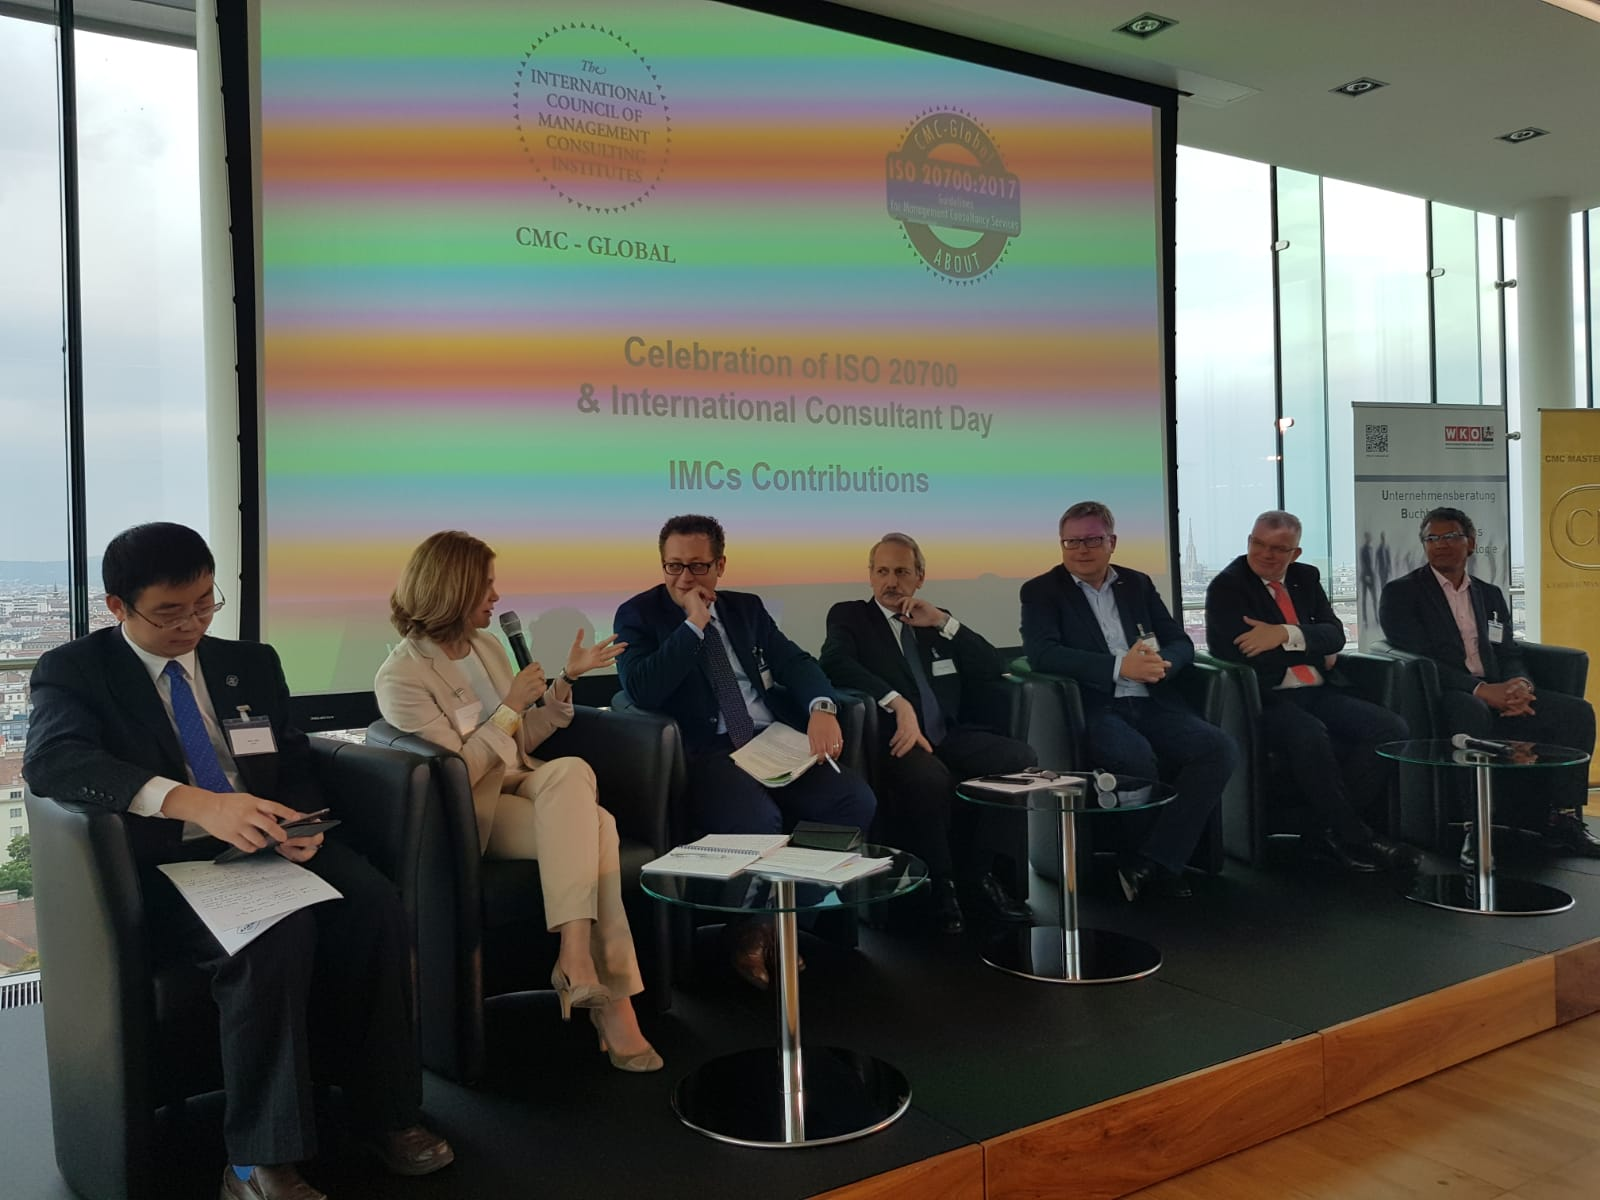 لبنان في مؤتمر الإستشاريين الدوليين في الادارة في فيينا